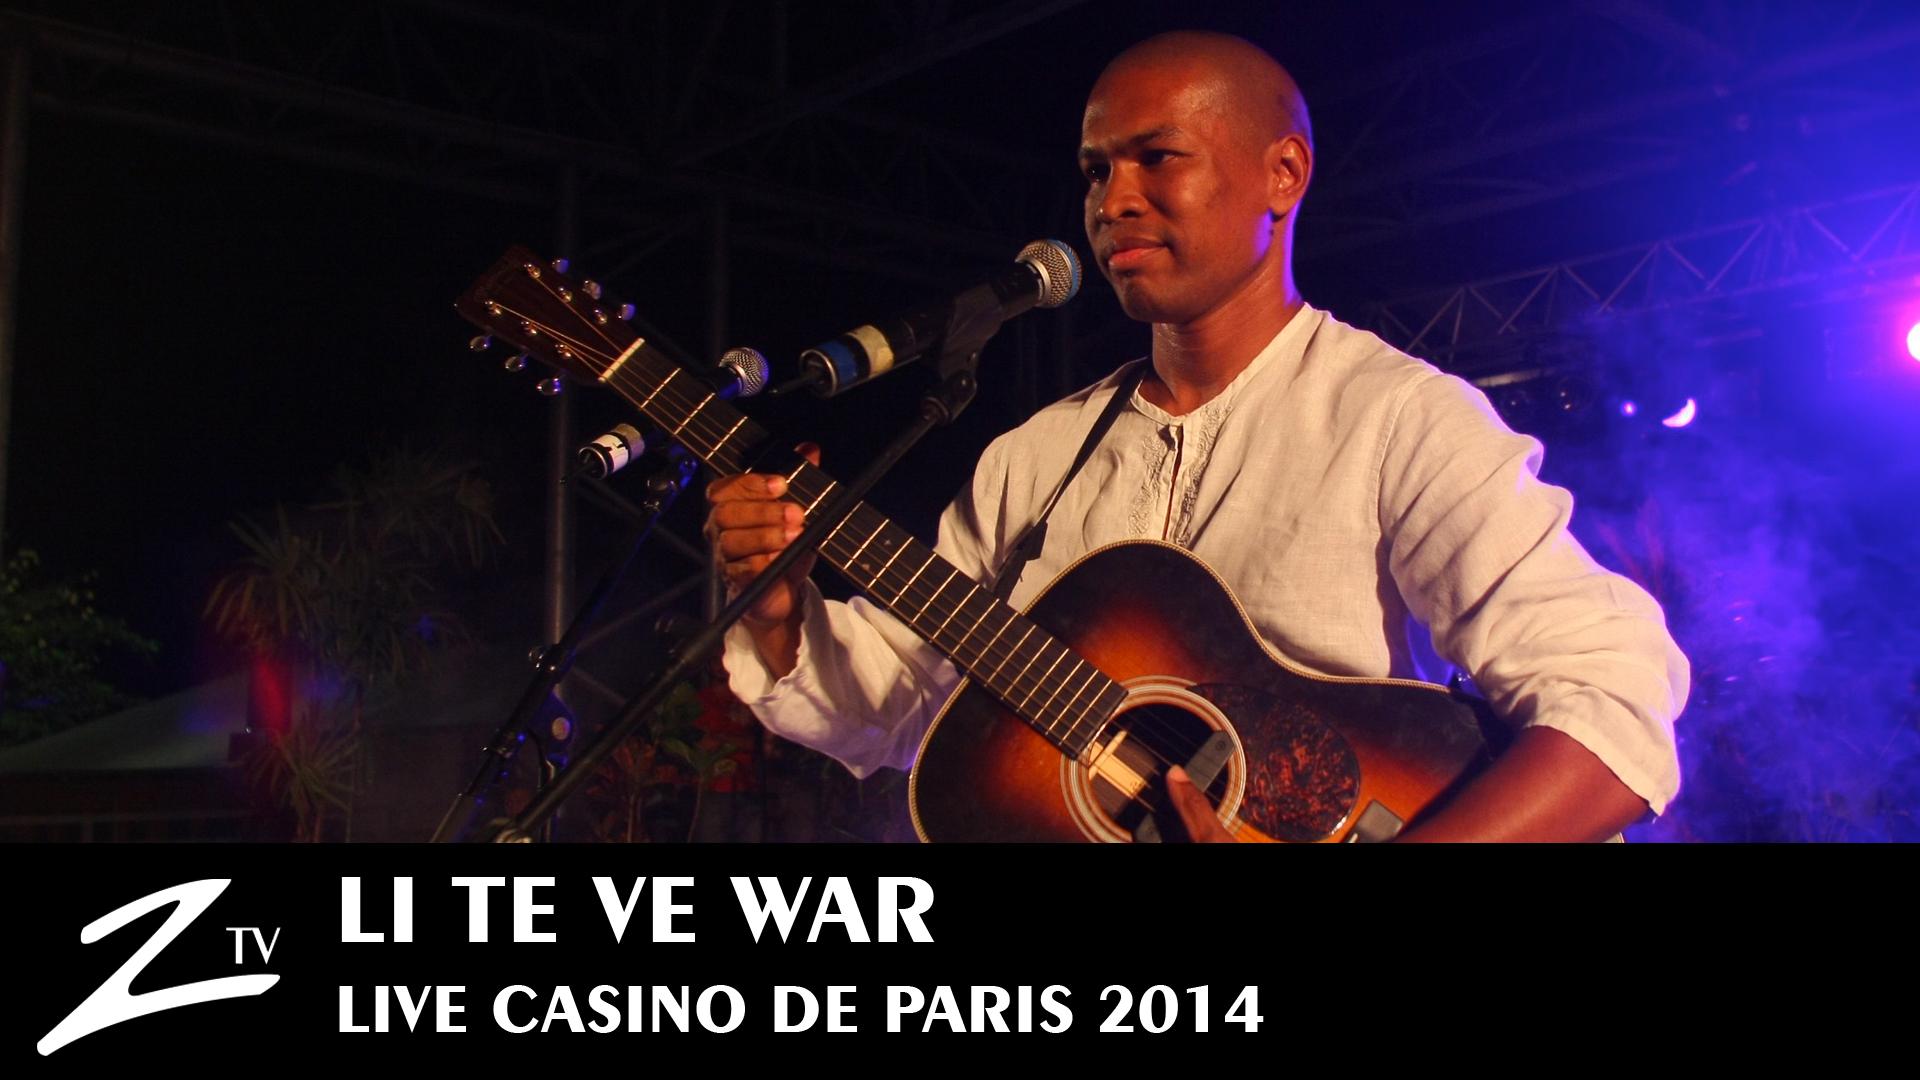 Li Te Ve War